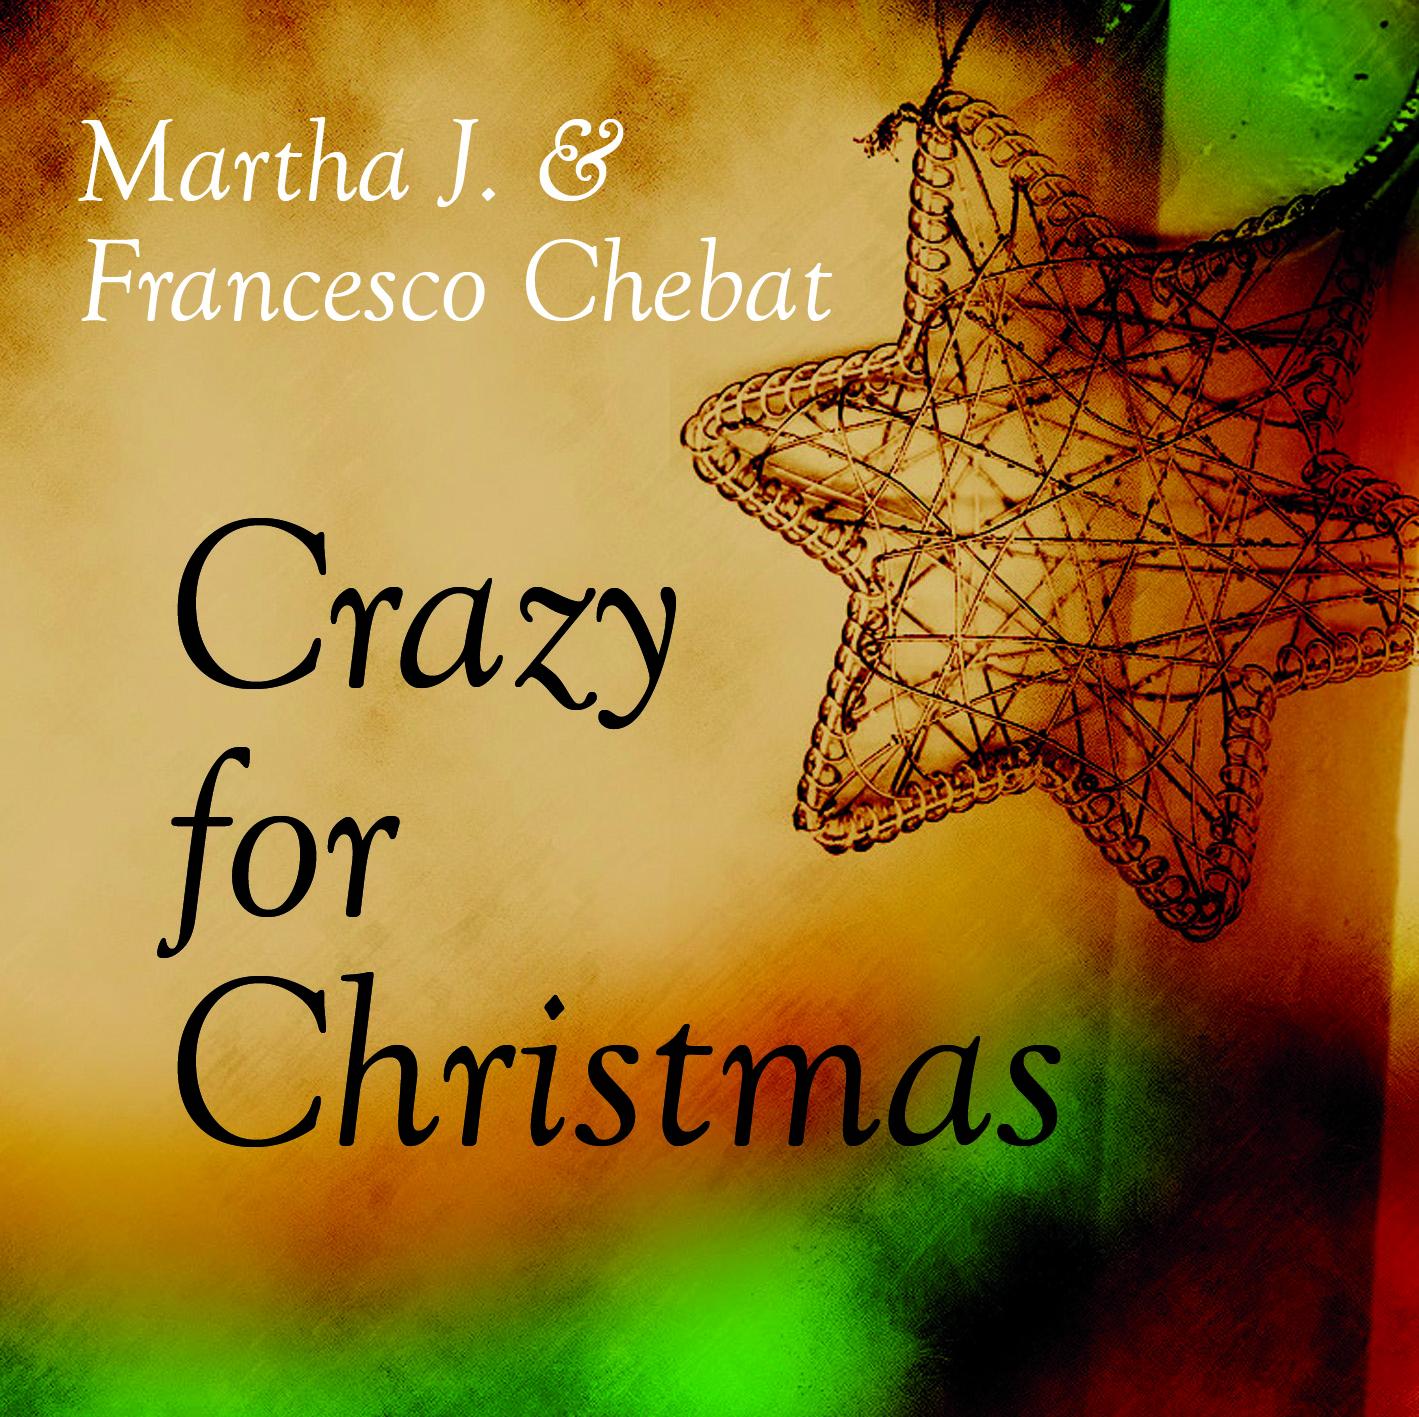 Martha j and Francesco Chebat disco Crazy for Christmas